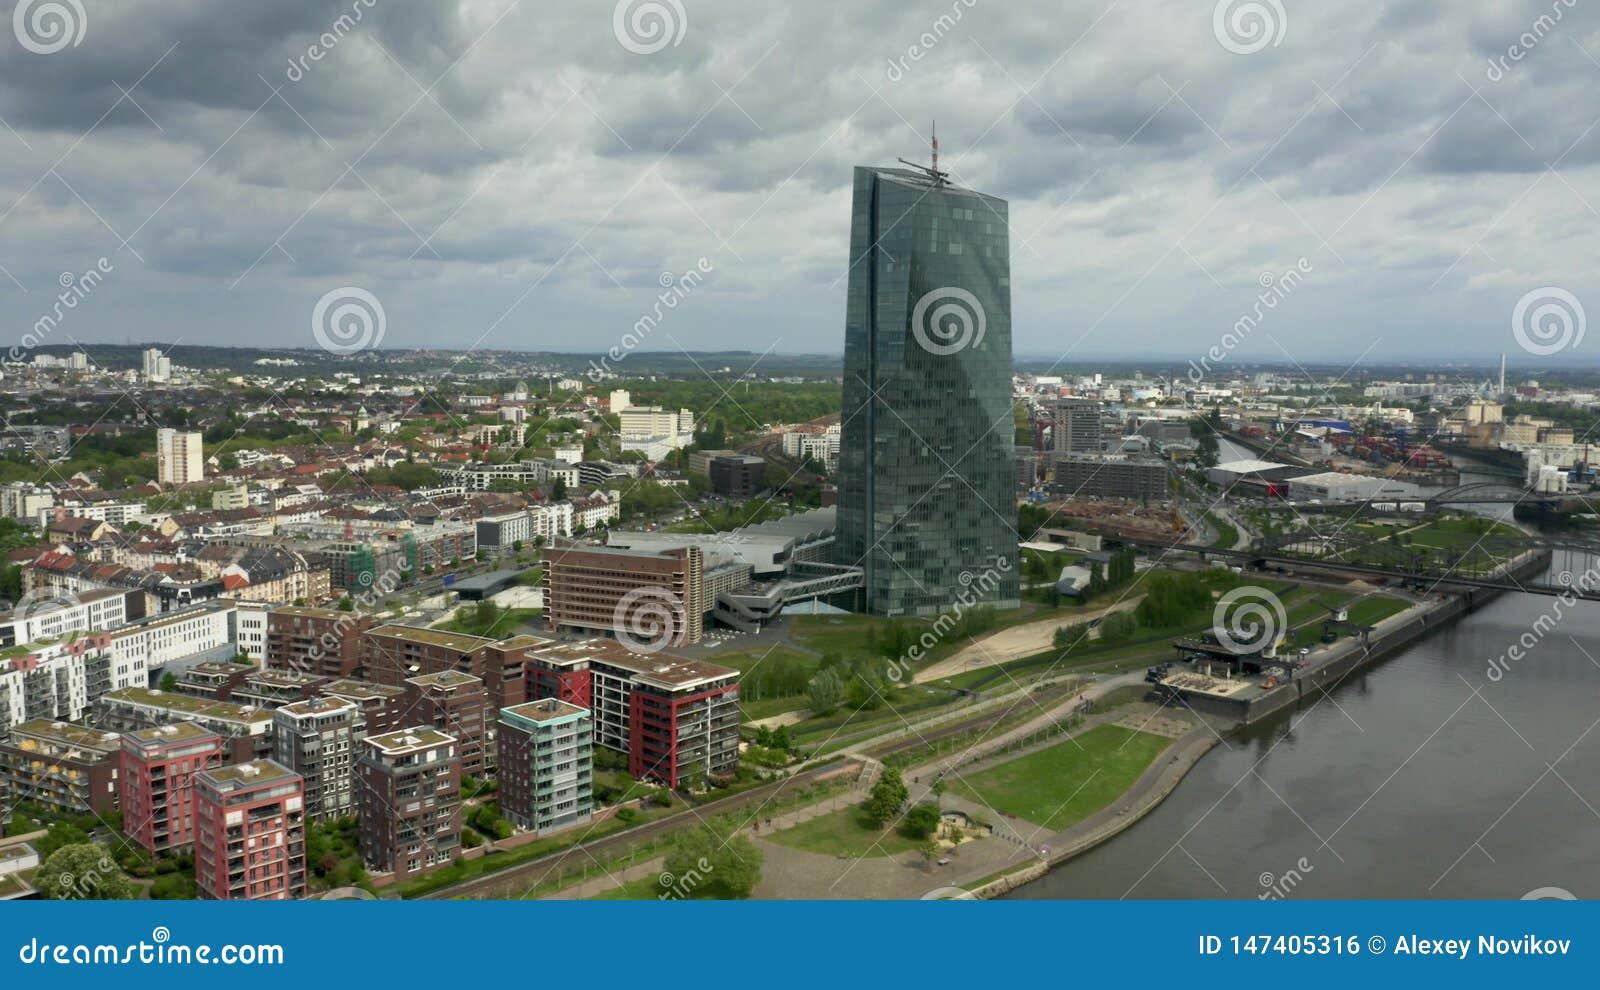 ΦΡΑΝΚΦΟΥΡΤΗ ΑΜ ΜΆΙΝ, ΓΕΡΜΑΝΙΑ - 29 ΑΠΡΙΛΊΟΥ 2019 Εναέρια άποψη της έδρας ΕΚΤ Ευρωπαϊκής Κεντρικής Τράπεζας